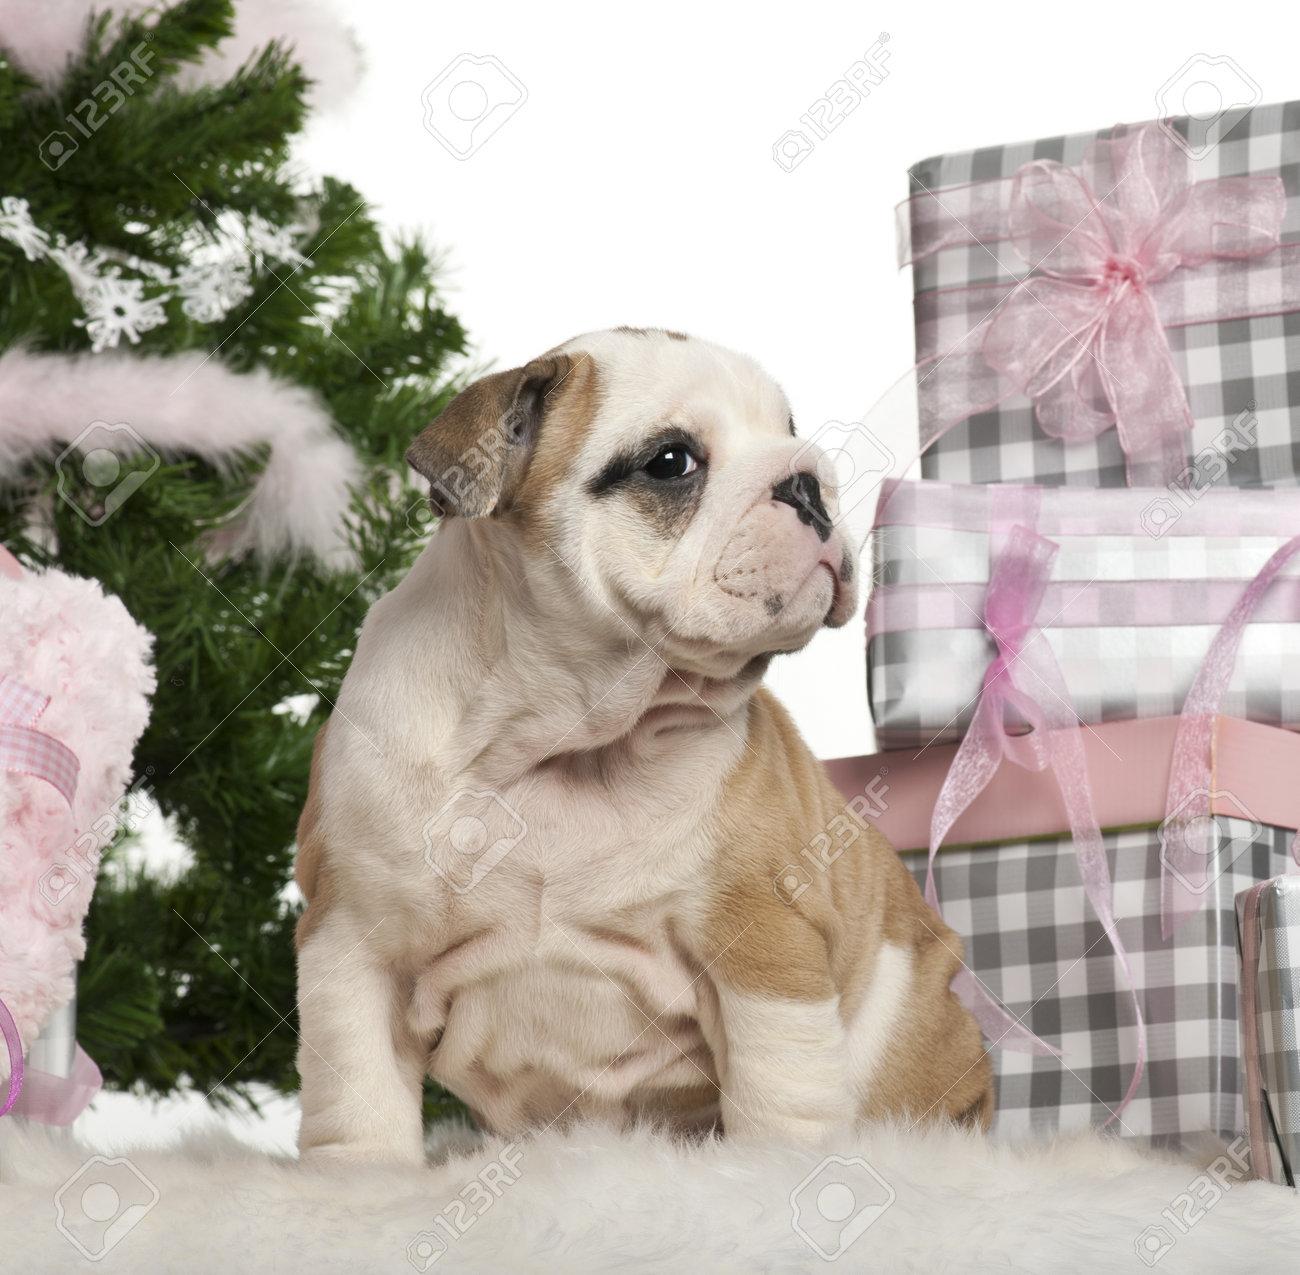 Regali Di Natale Inglese.Bulldog Inglese Cucciolo 2 Mesi Di Eta Seduto Con Albero Di Natale E Regali Di Fronte A Sfondo Bianco